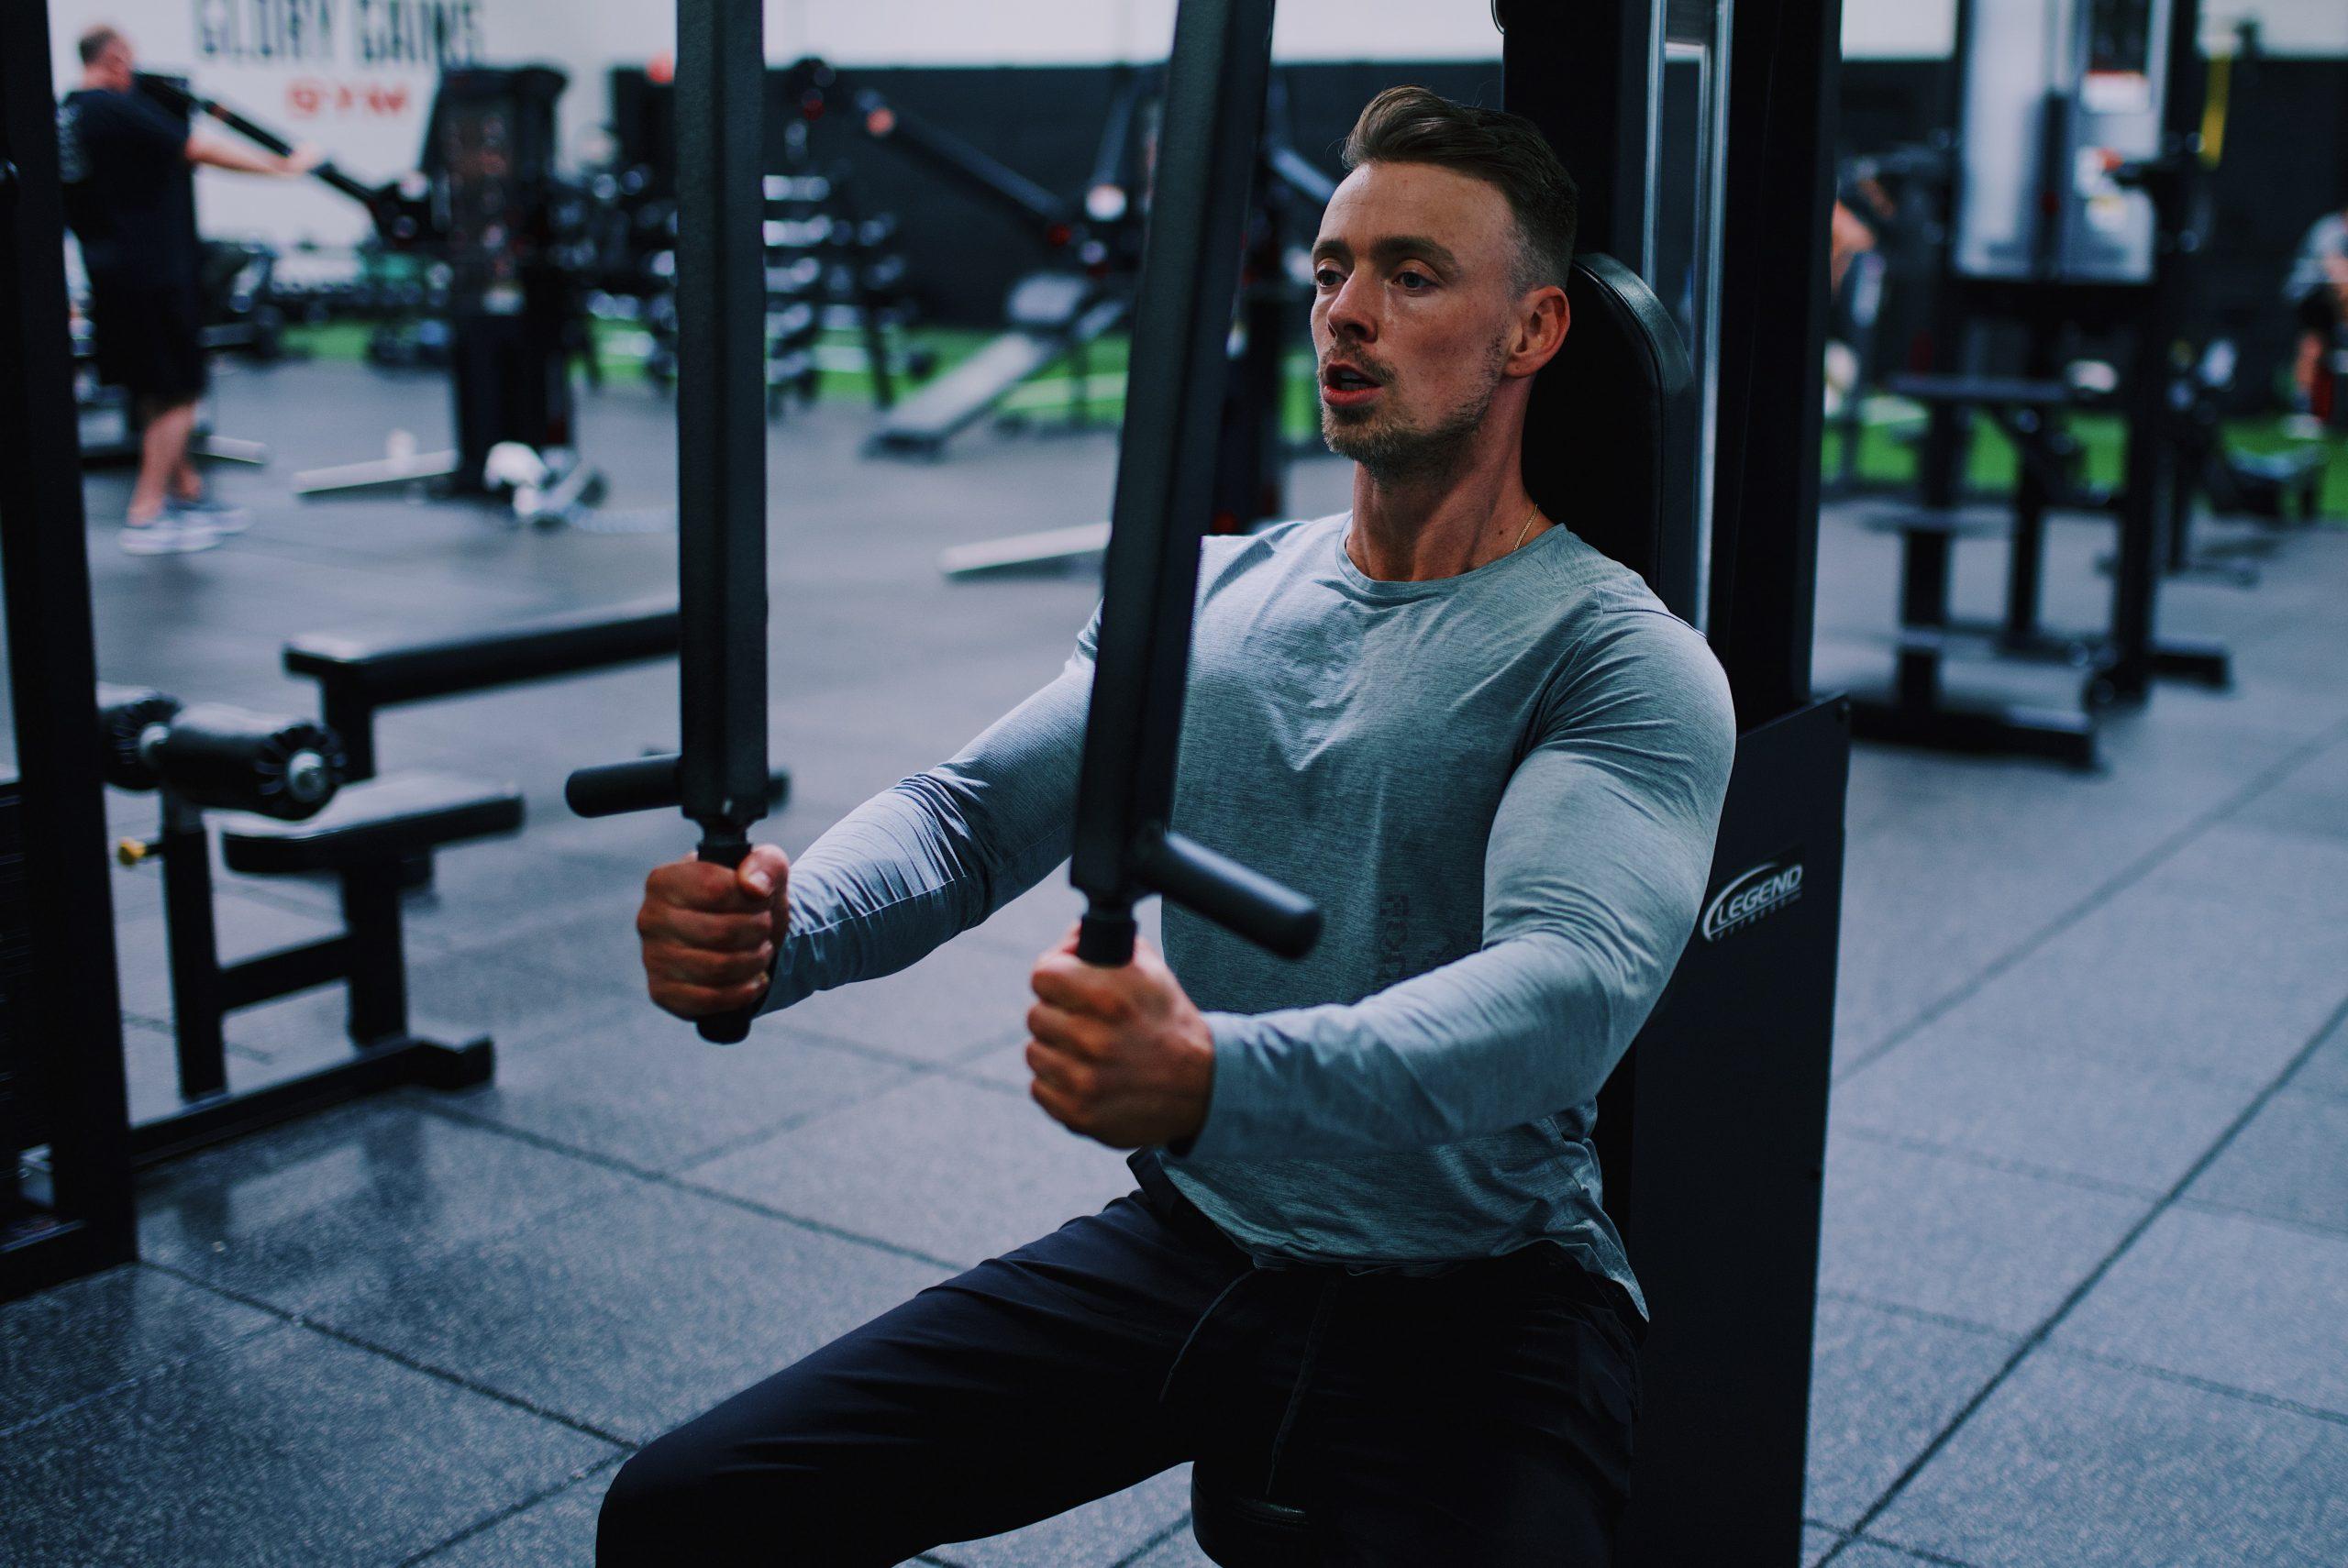 Hombre en gimnasio ejercitandose